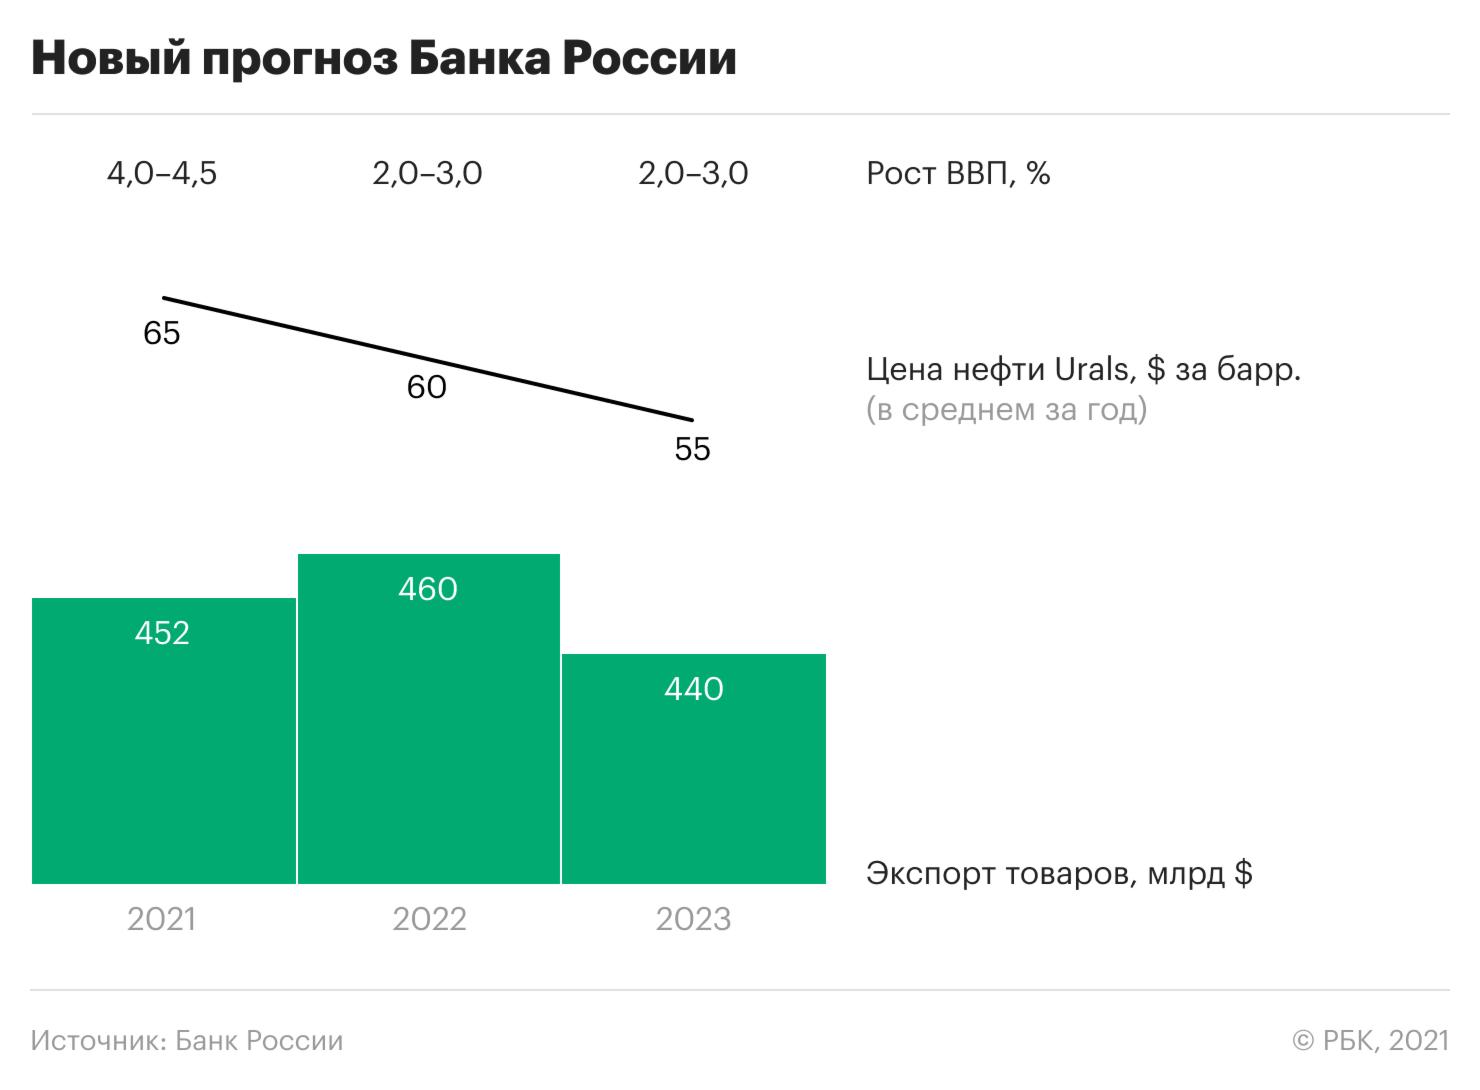 Банк России оценил вклад нефти в рост ВВП в 2021 году